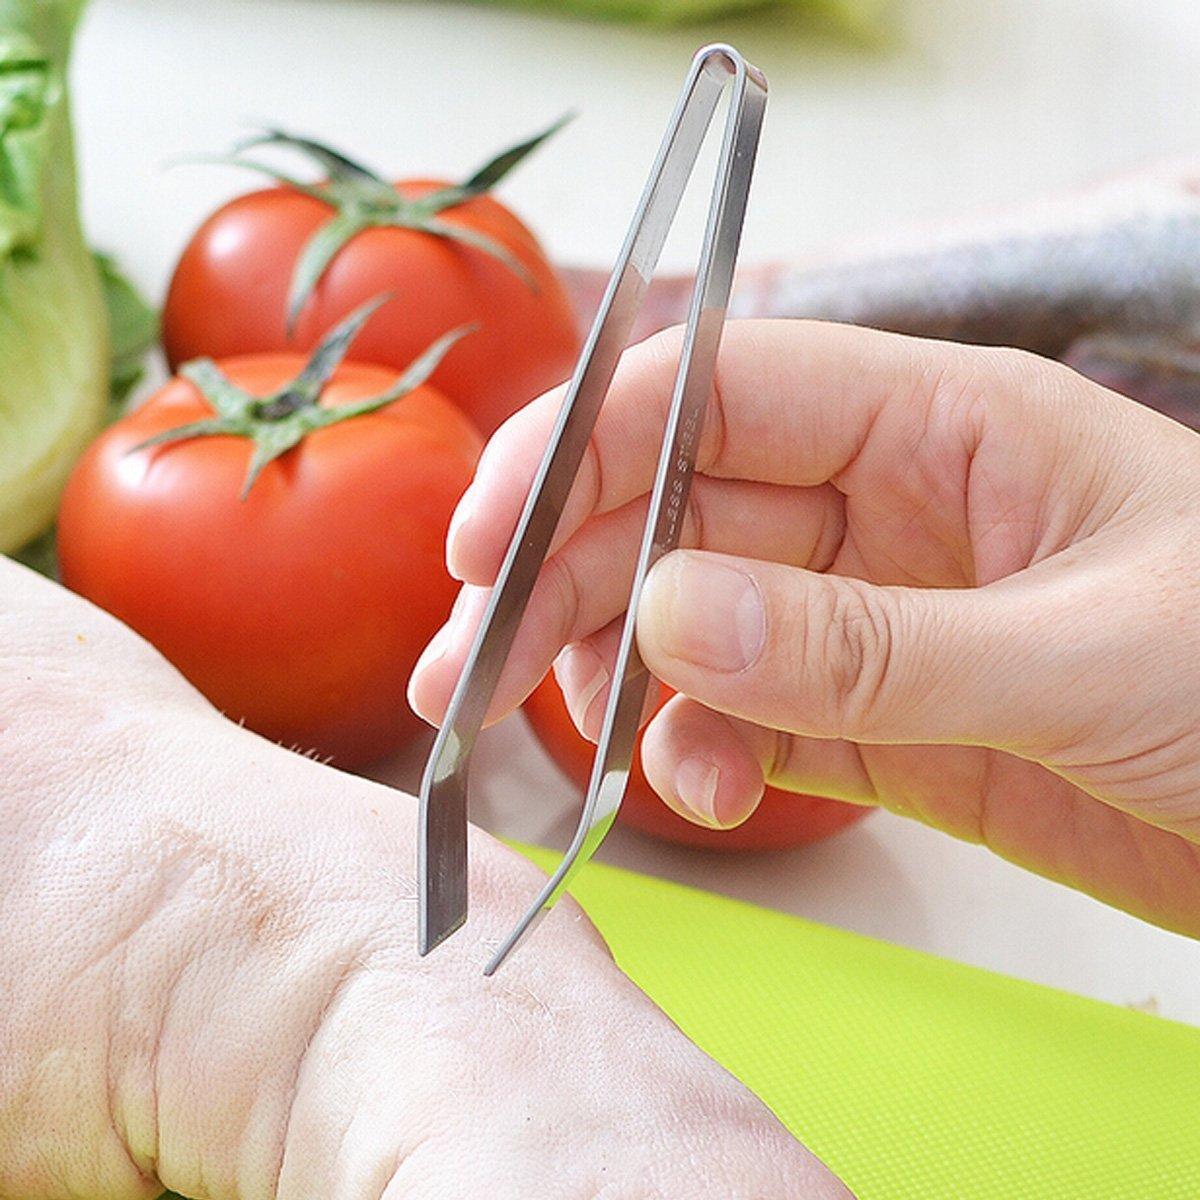 Uctop Store 2/pezzi di acciaio inossidabile Fish Bone Remover con precisione e comoda impugnatura One /è bordo smussato e un altro piatto multifunzione Home Kitchen Tool